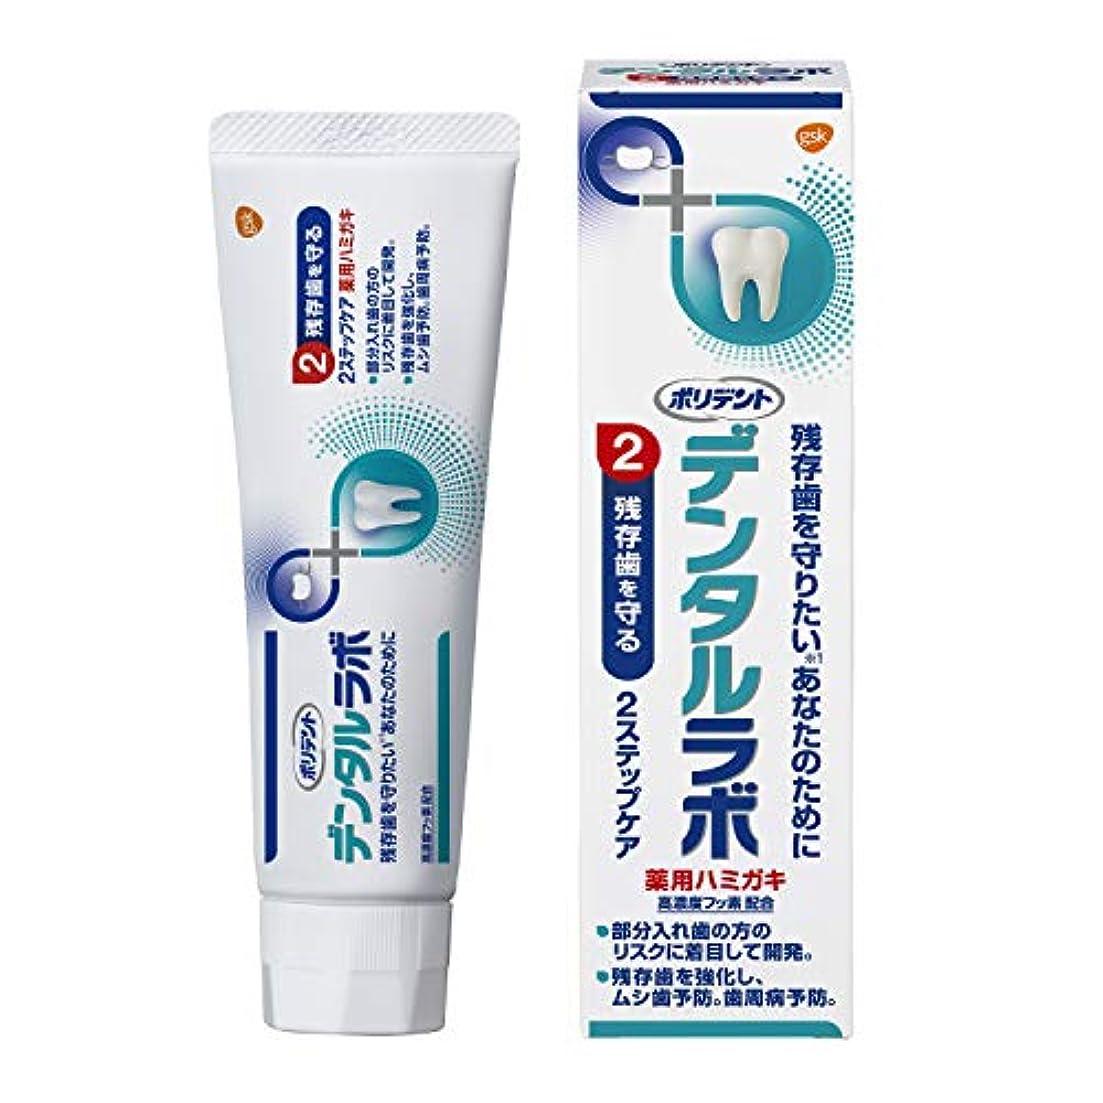 買うユーザー電気的[医薬部外品]デンタルラボ 薬用ハミガキ 歯周病(歯肉炎?歯槽膿漏) 予防 歯磨き粉 100g